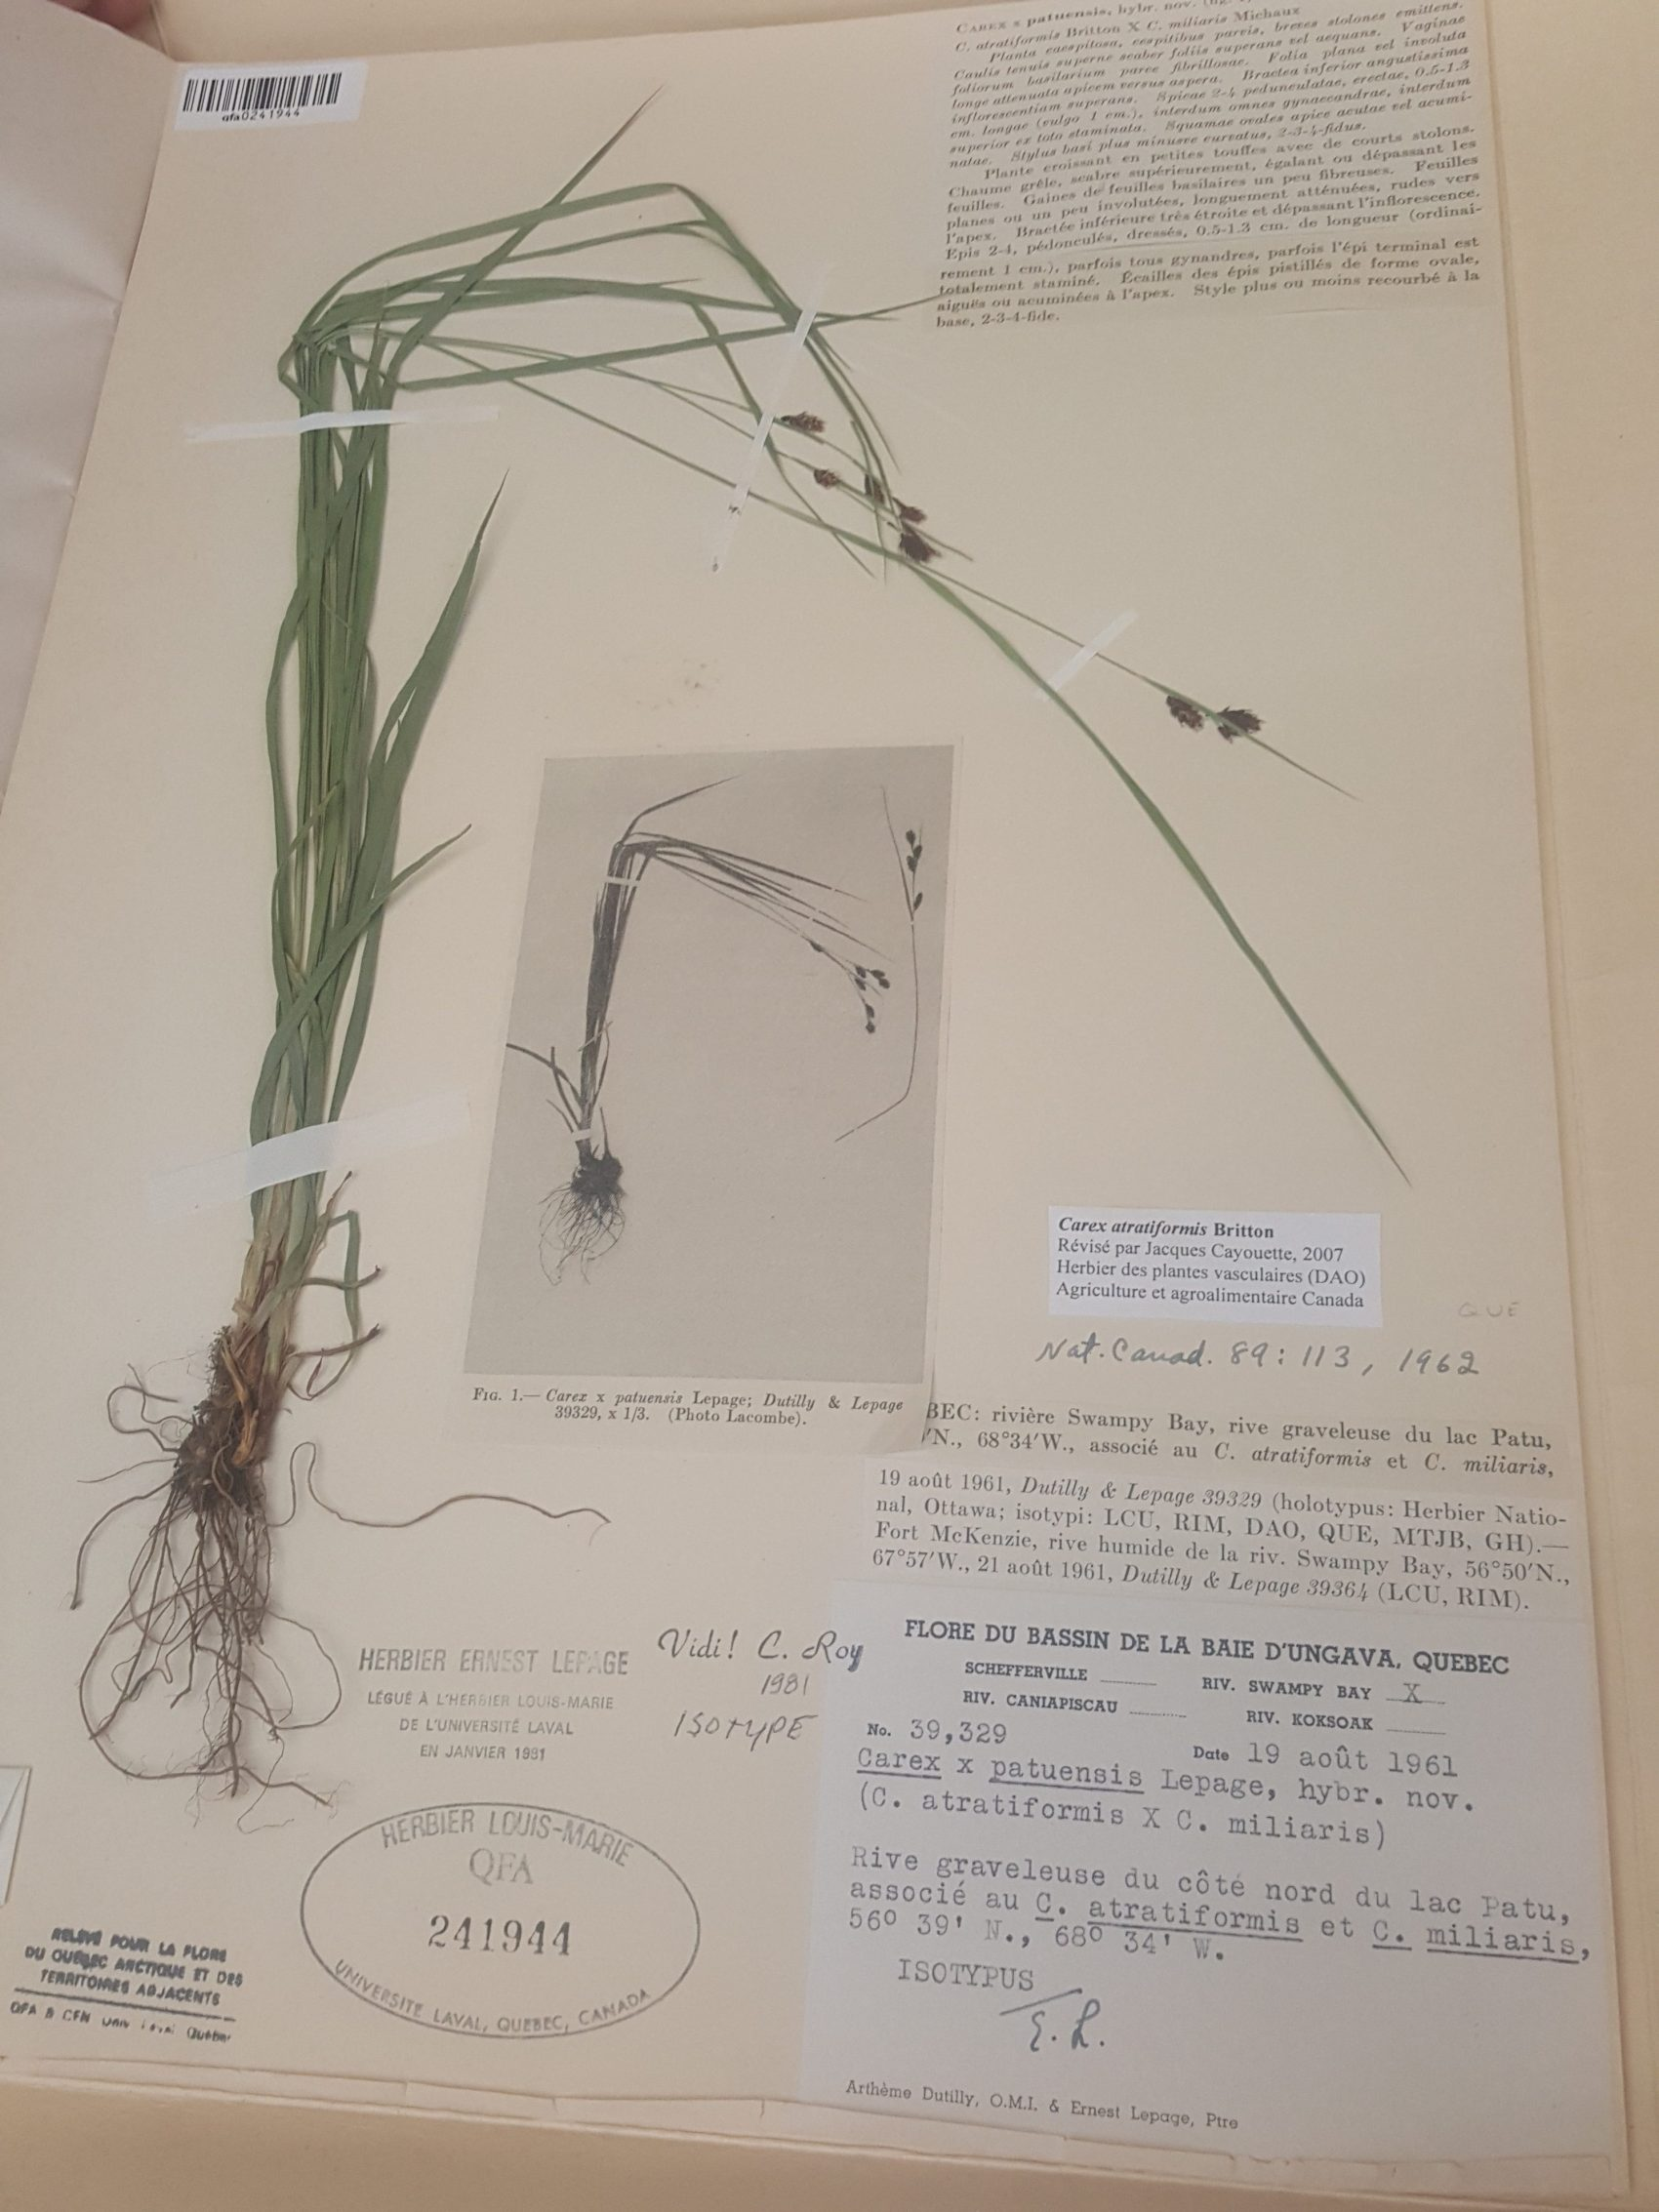 Carex atratiformis Britton de la baie d'Ungava. Photo : Élisabeth Bossert.